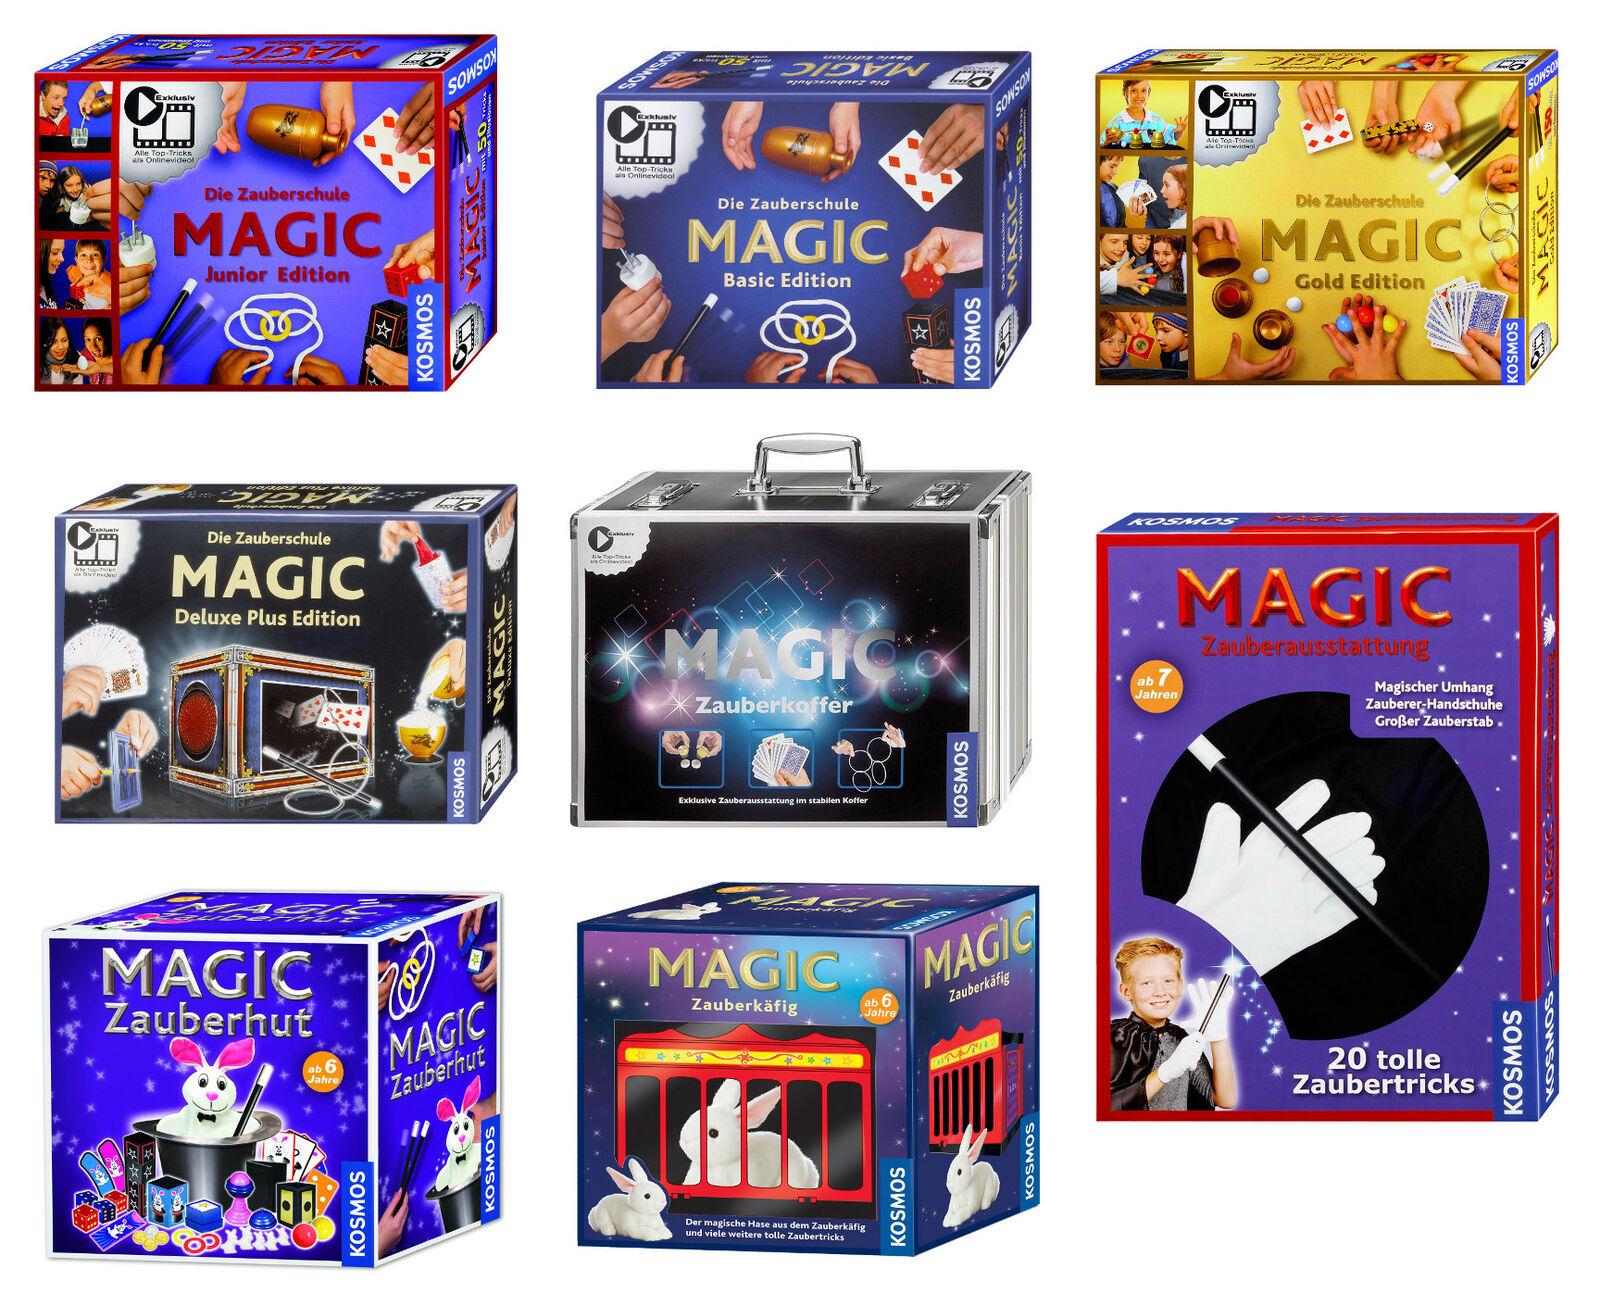 Kosmos Zaubern Magic Zauberhut Zauberkoffer Zauberkäfig Zauberkasten Basic Gold  | Haben Wir Lob Von Kunden Gewonnen